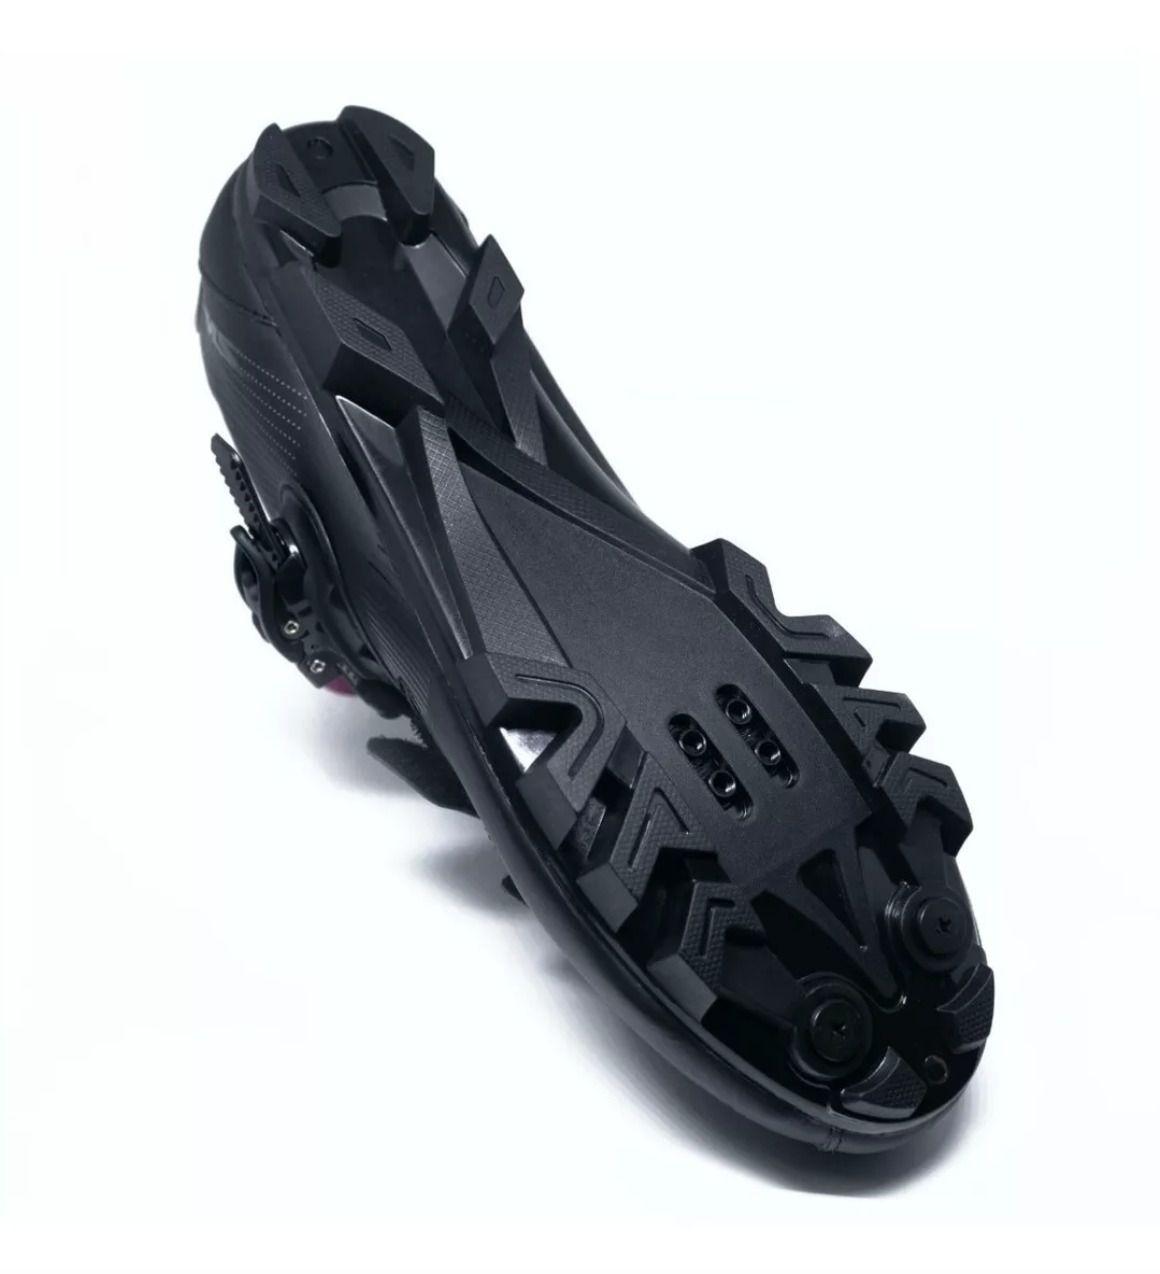 Sapatilha Tsw Cave Preta + Pedal Shimano M530 + Tacos Clip Mtb